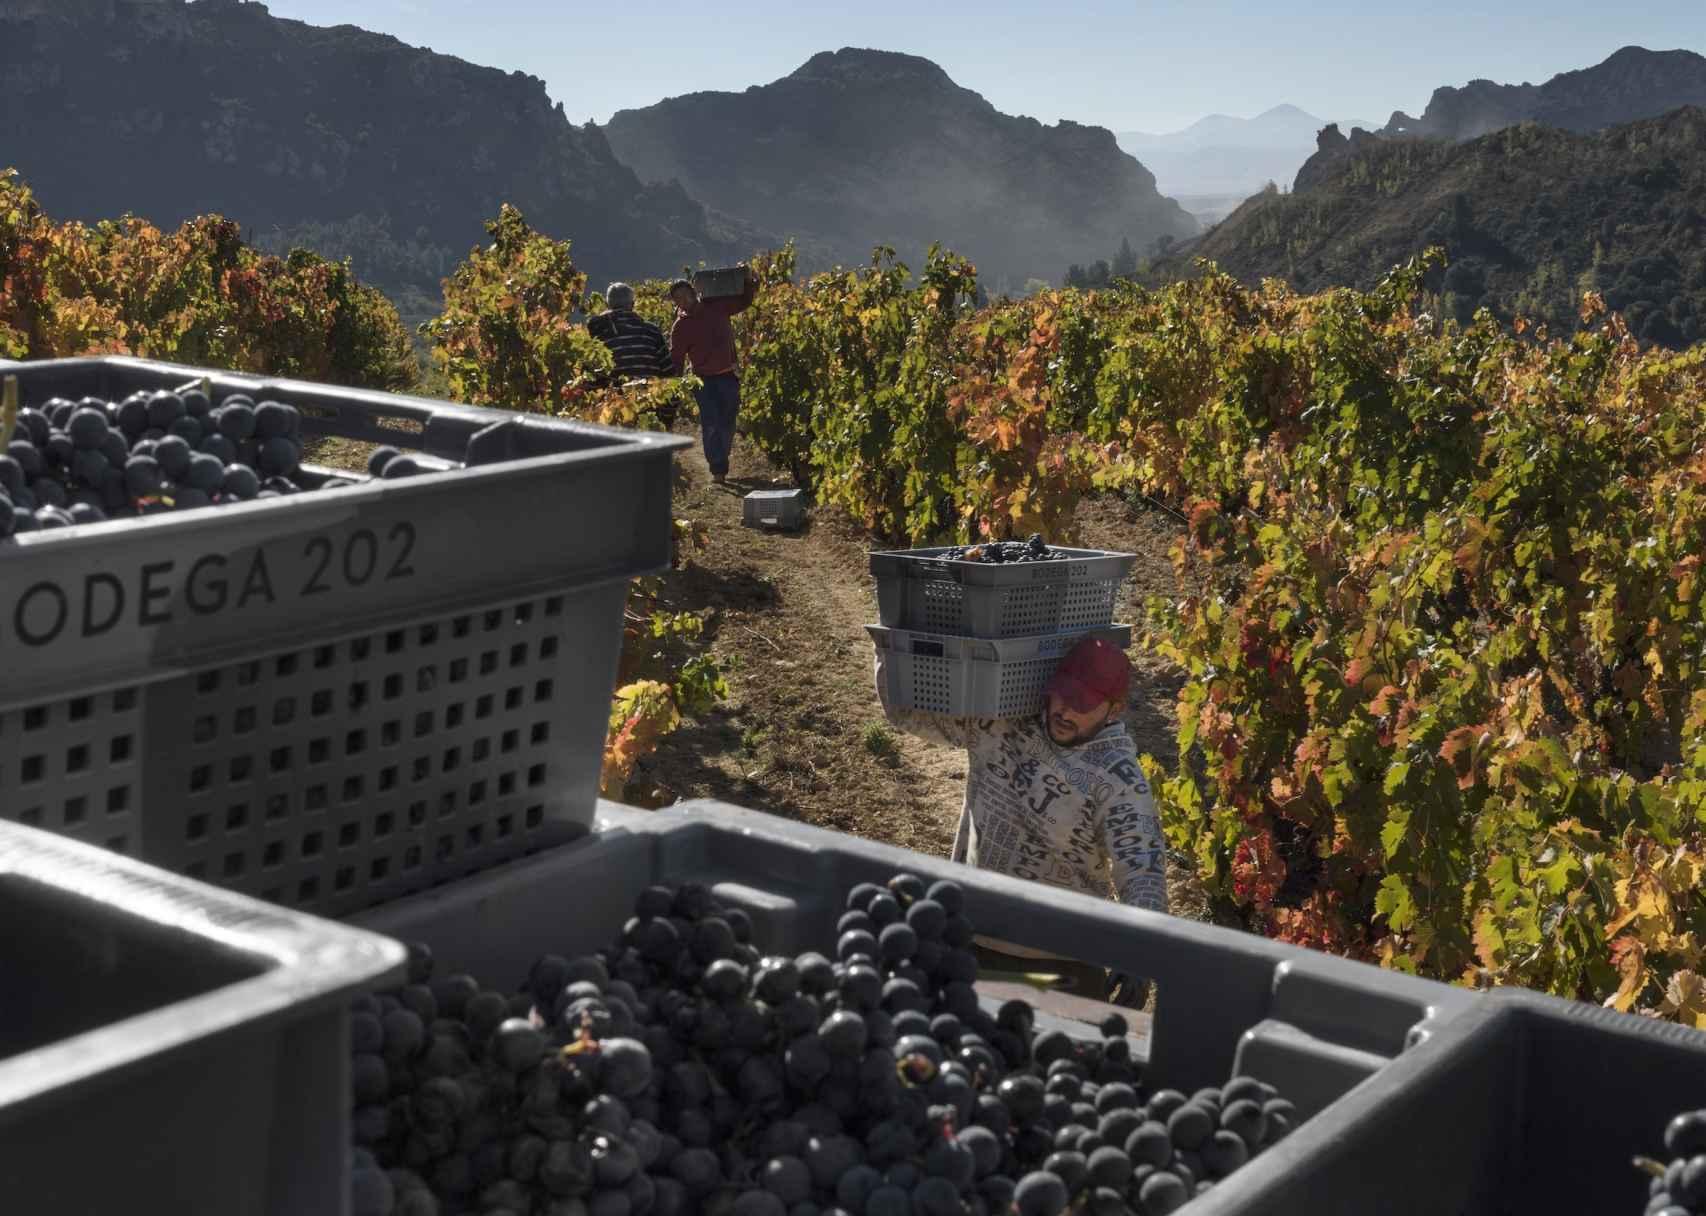 Vendimia manual de los viñedos de Bodega 202.